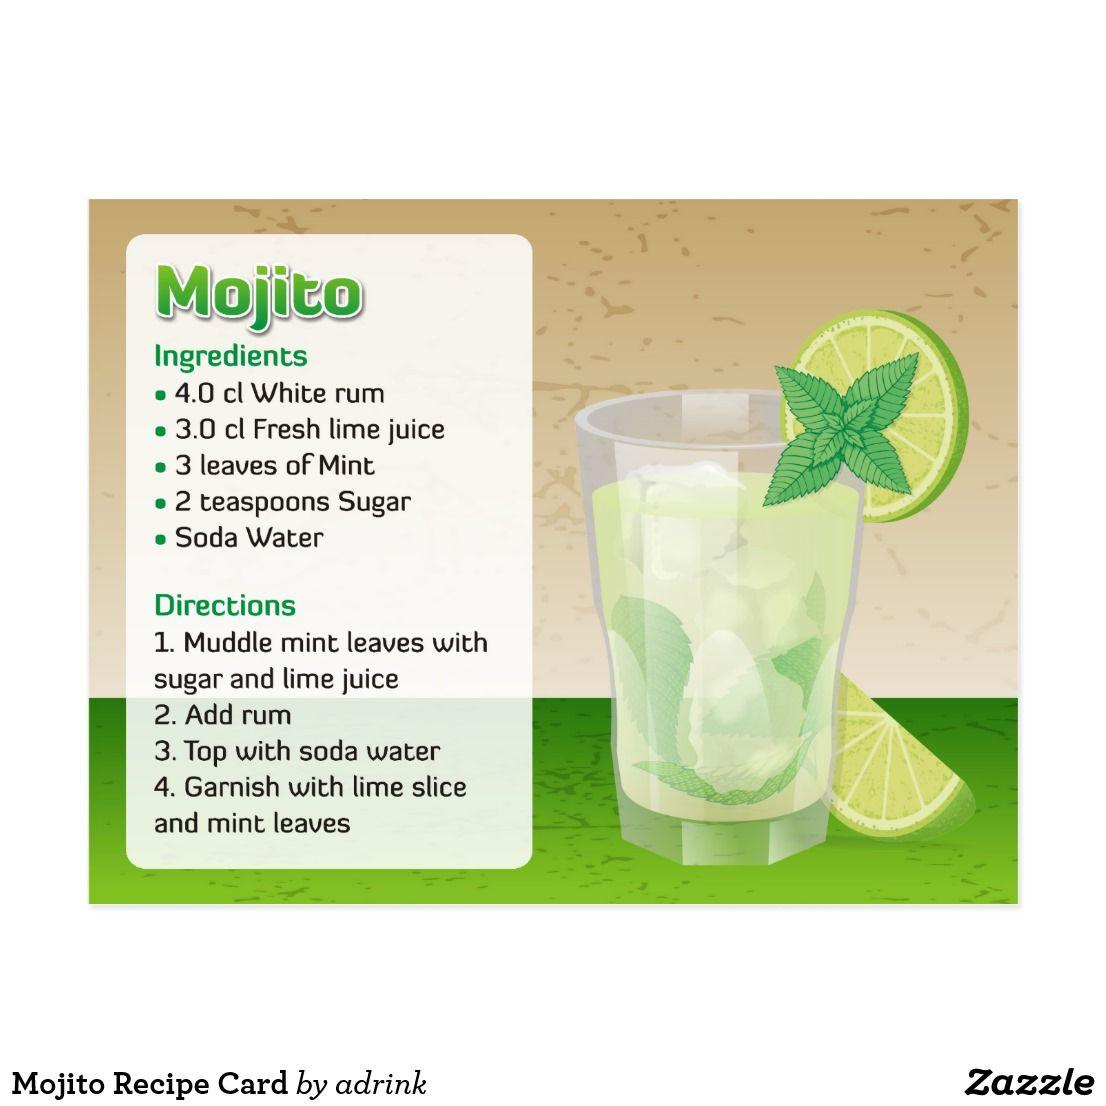 Mojito Recipe Card Zazzle Com Mojito Recipe Mojito Mojito Ingredients